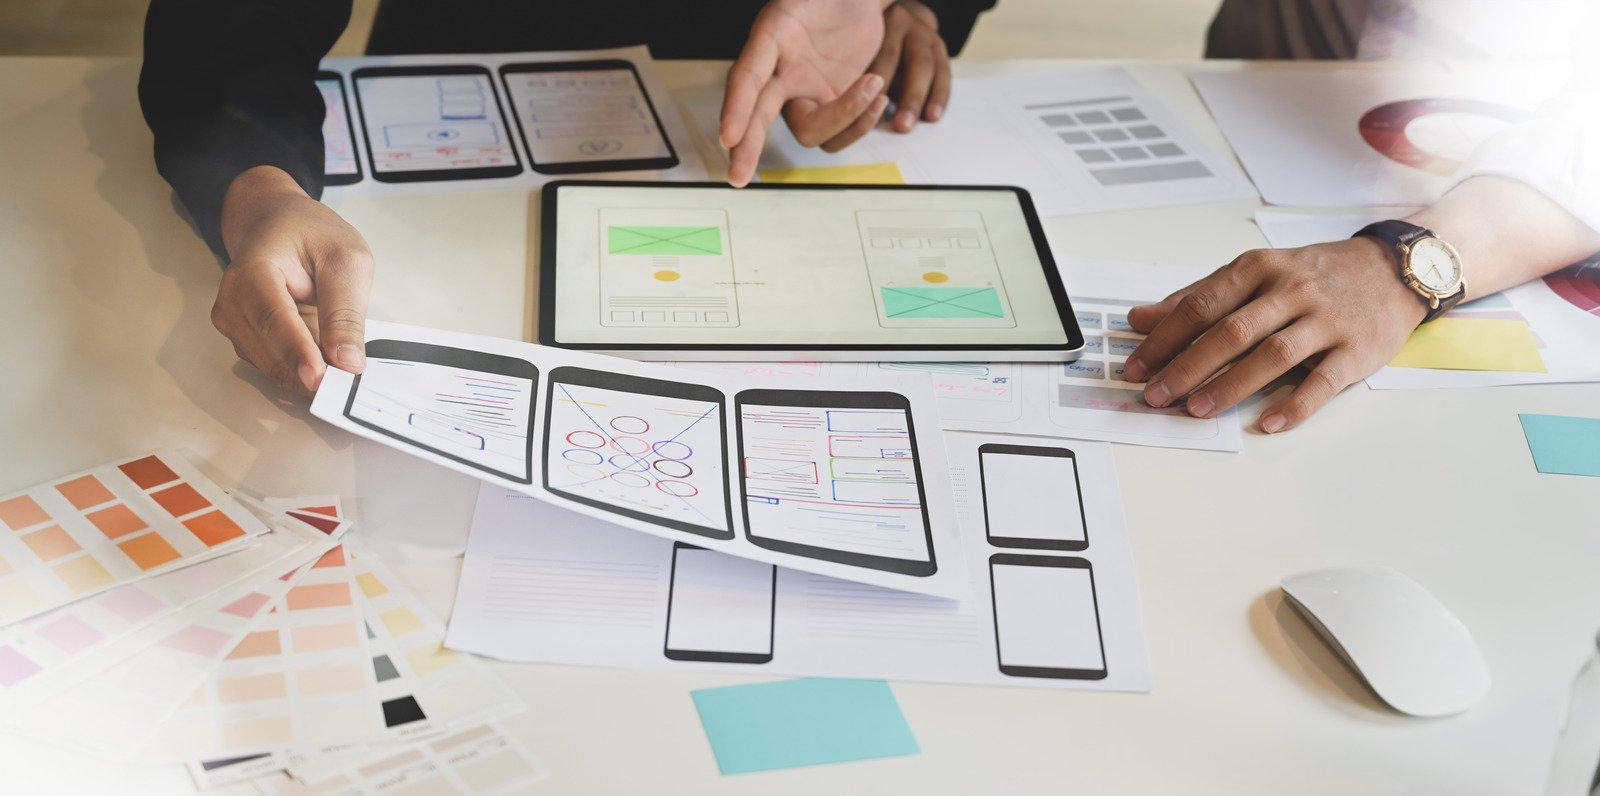 Prototyping - Benefits of cross-platform app development 2